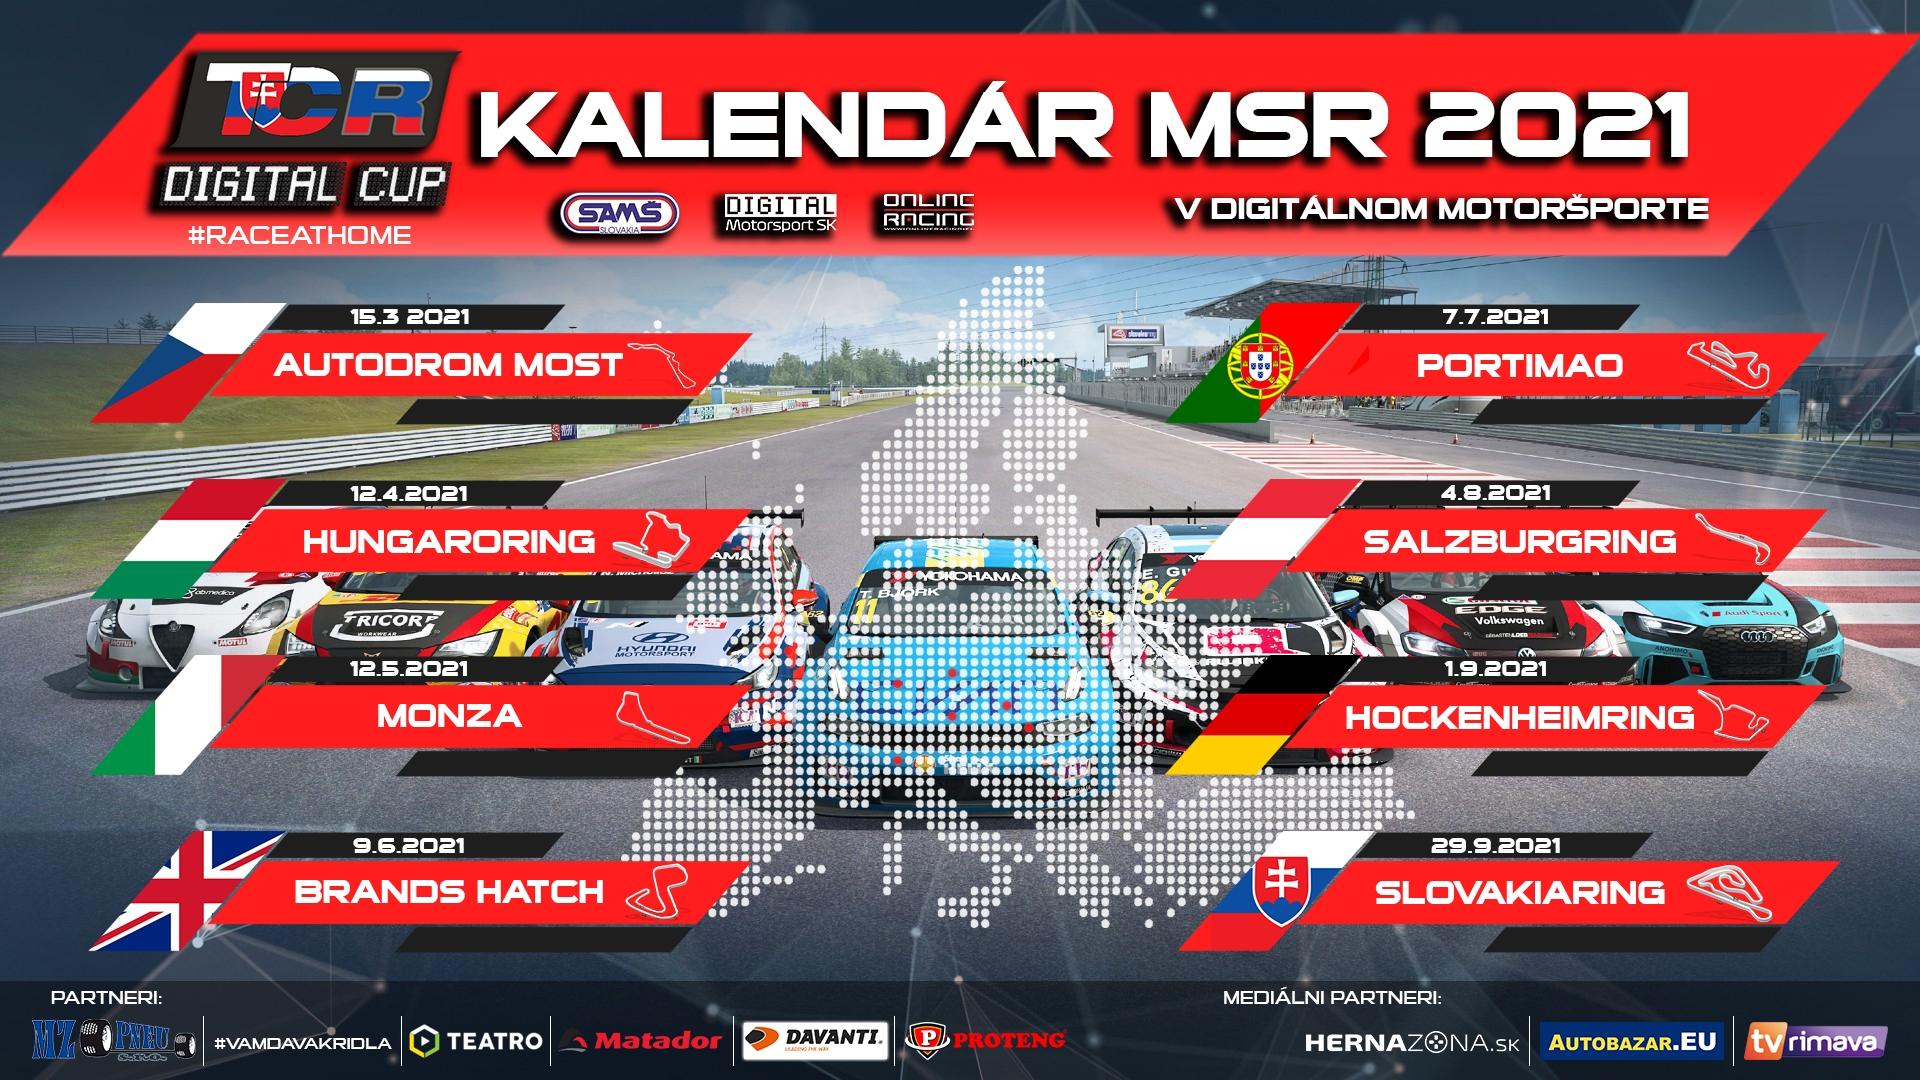 Aktualizovaný kalendár Majstrovstiev Slovenskej republiky v digitálnom motoršporte 2021 v triede TCR.